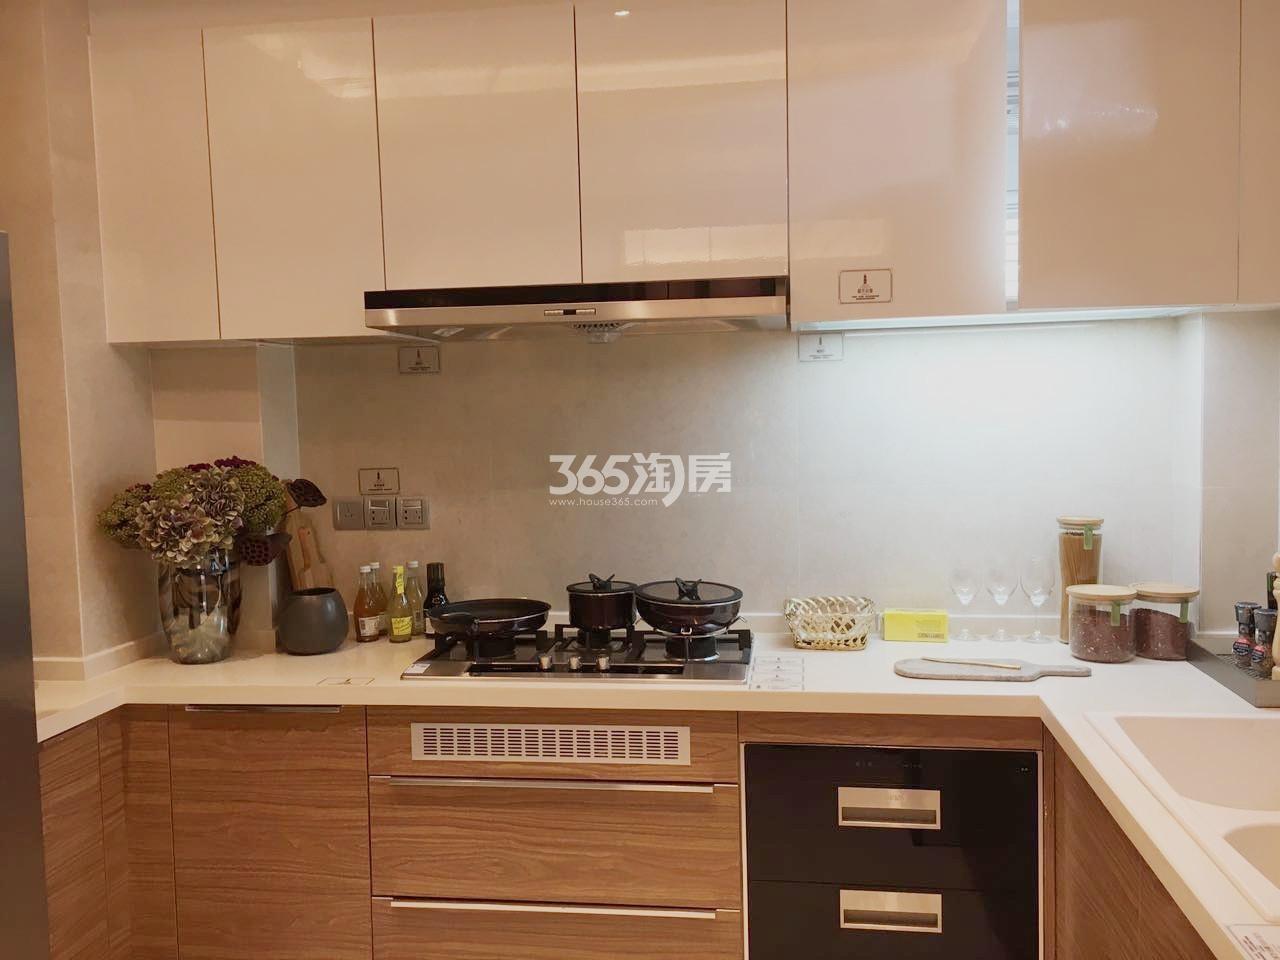 雅居乐滨江国际176㎡样板间厨房